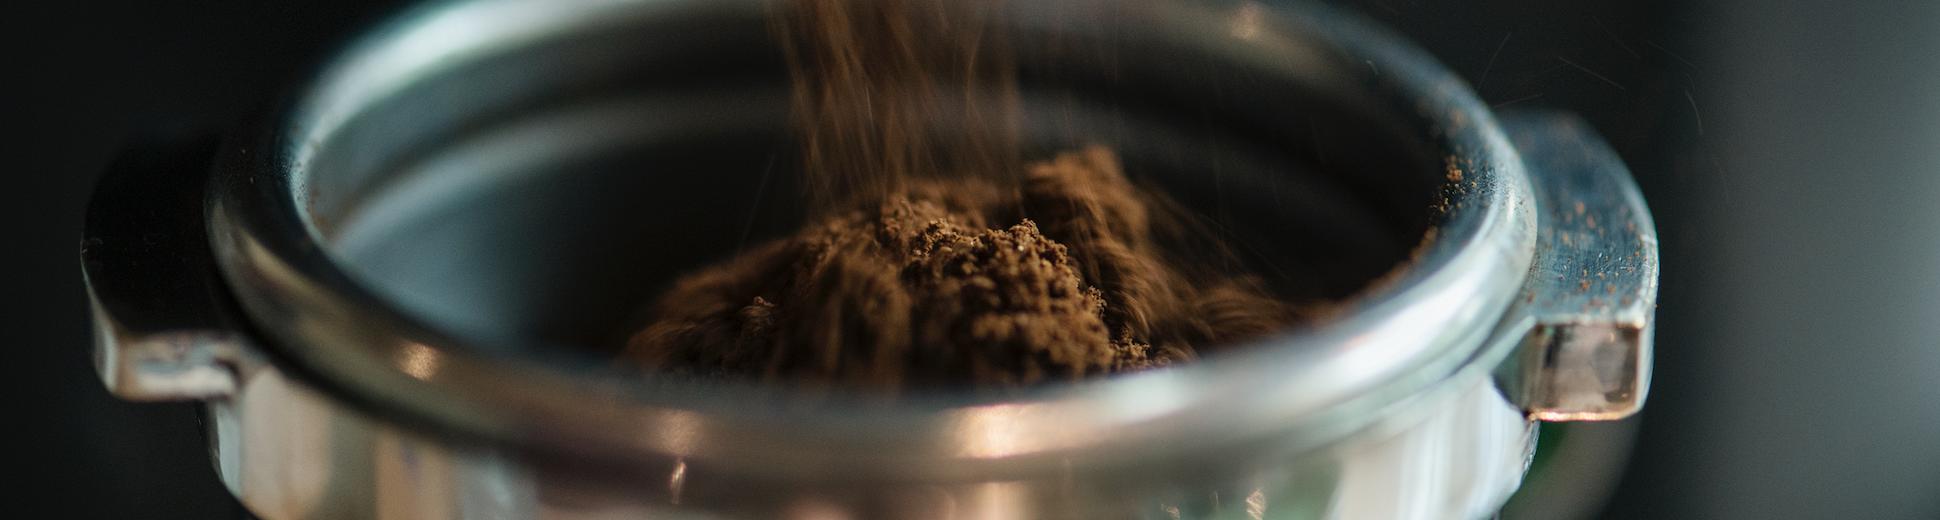 Kaffeesatz, wenn der Küchenabfluss stinkt